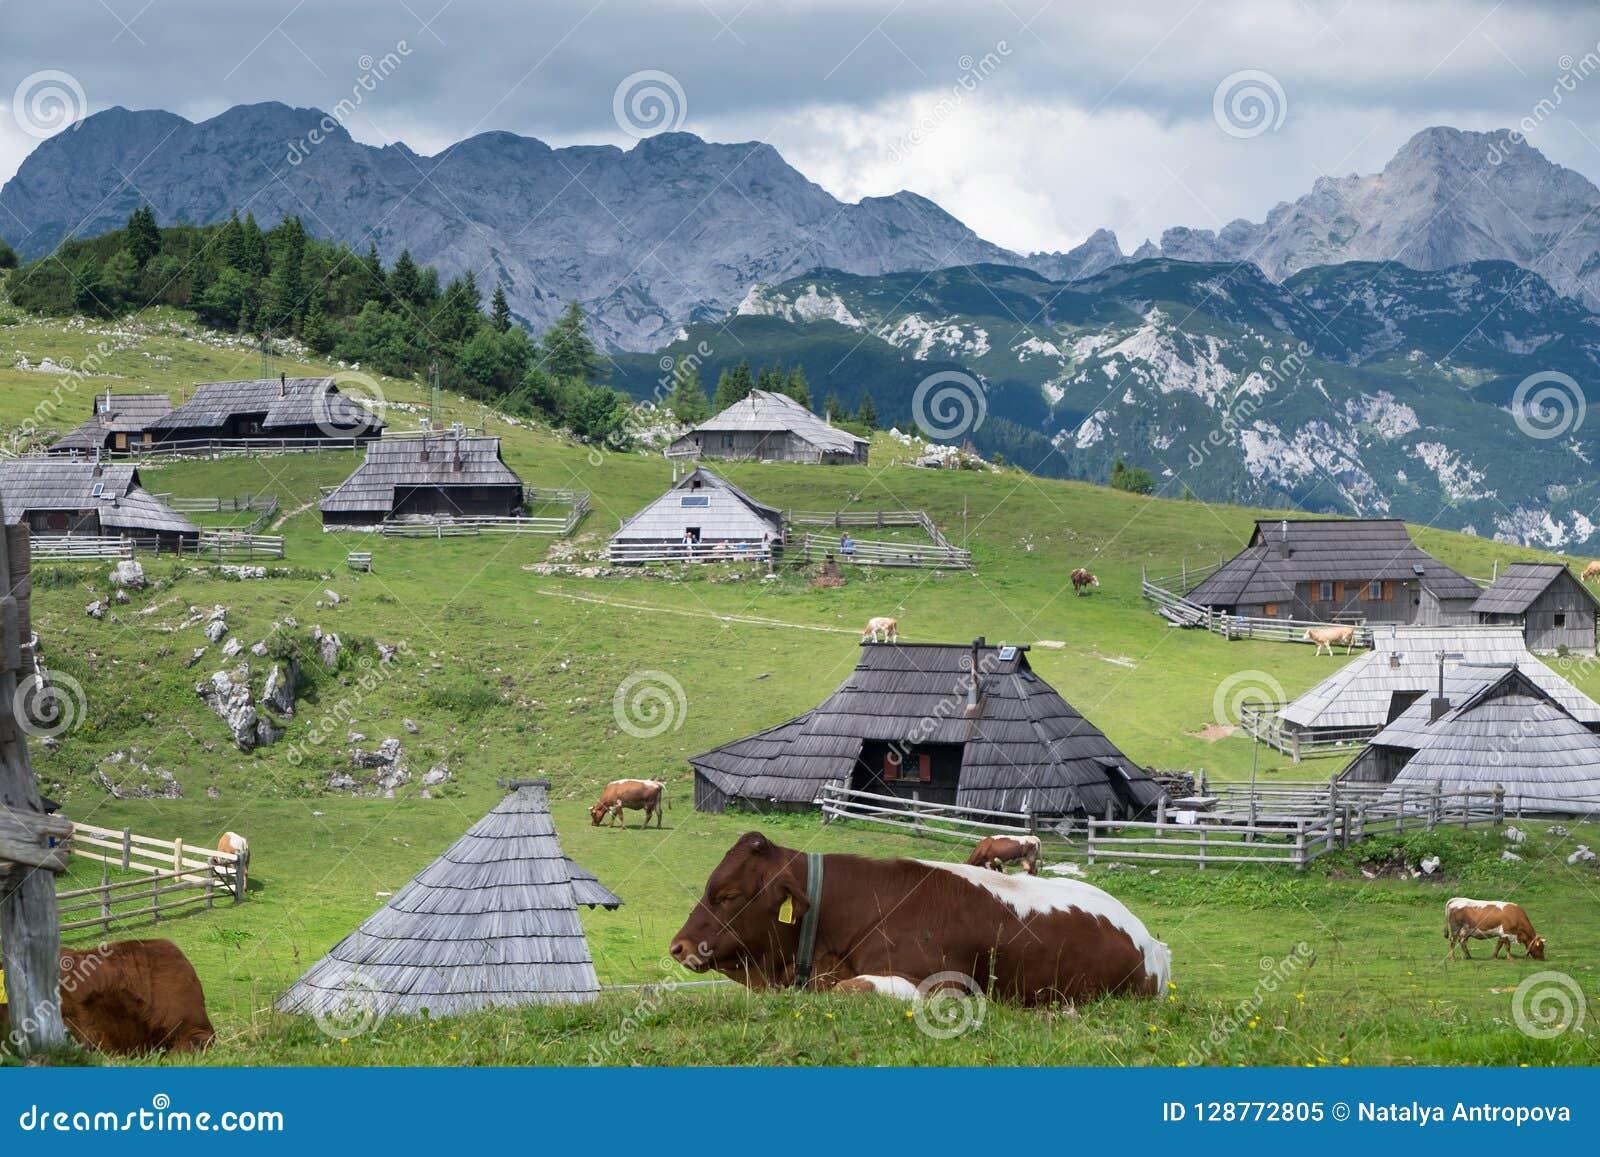 Velikaplanina Weidende koeien op de achtergrond van Alpiene bergen